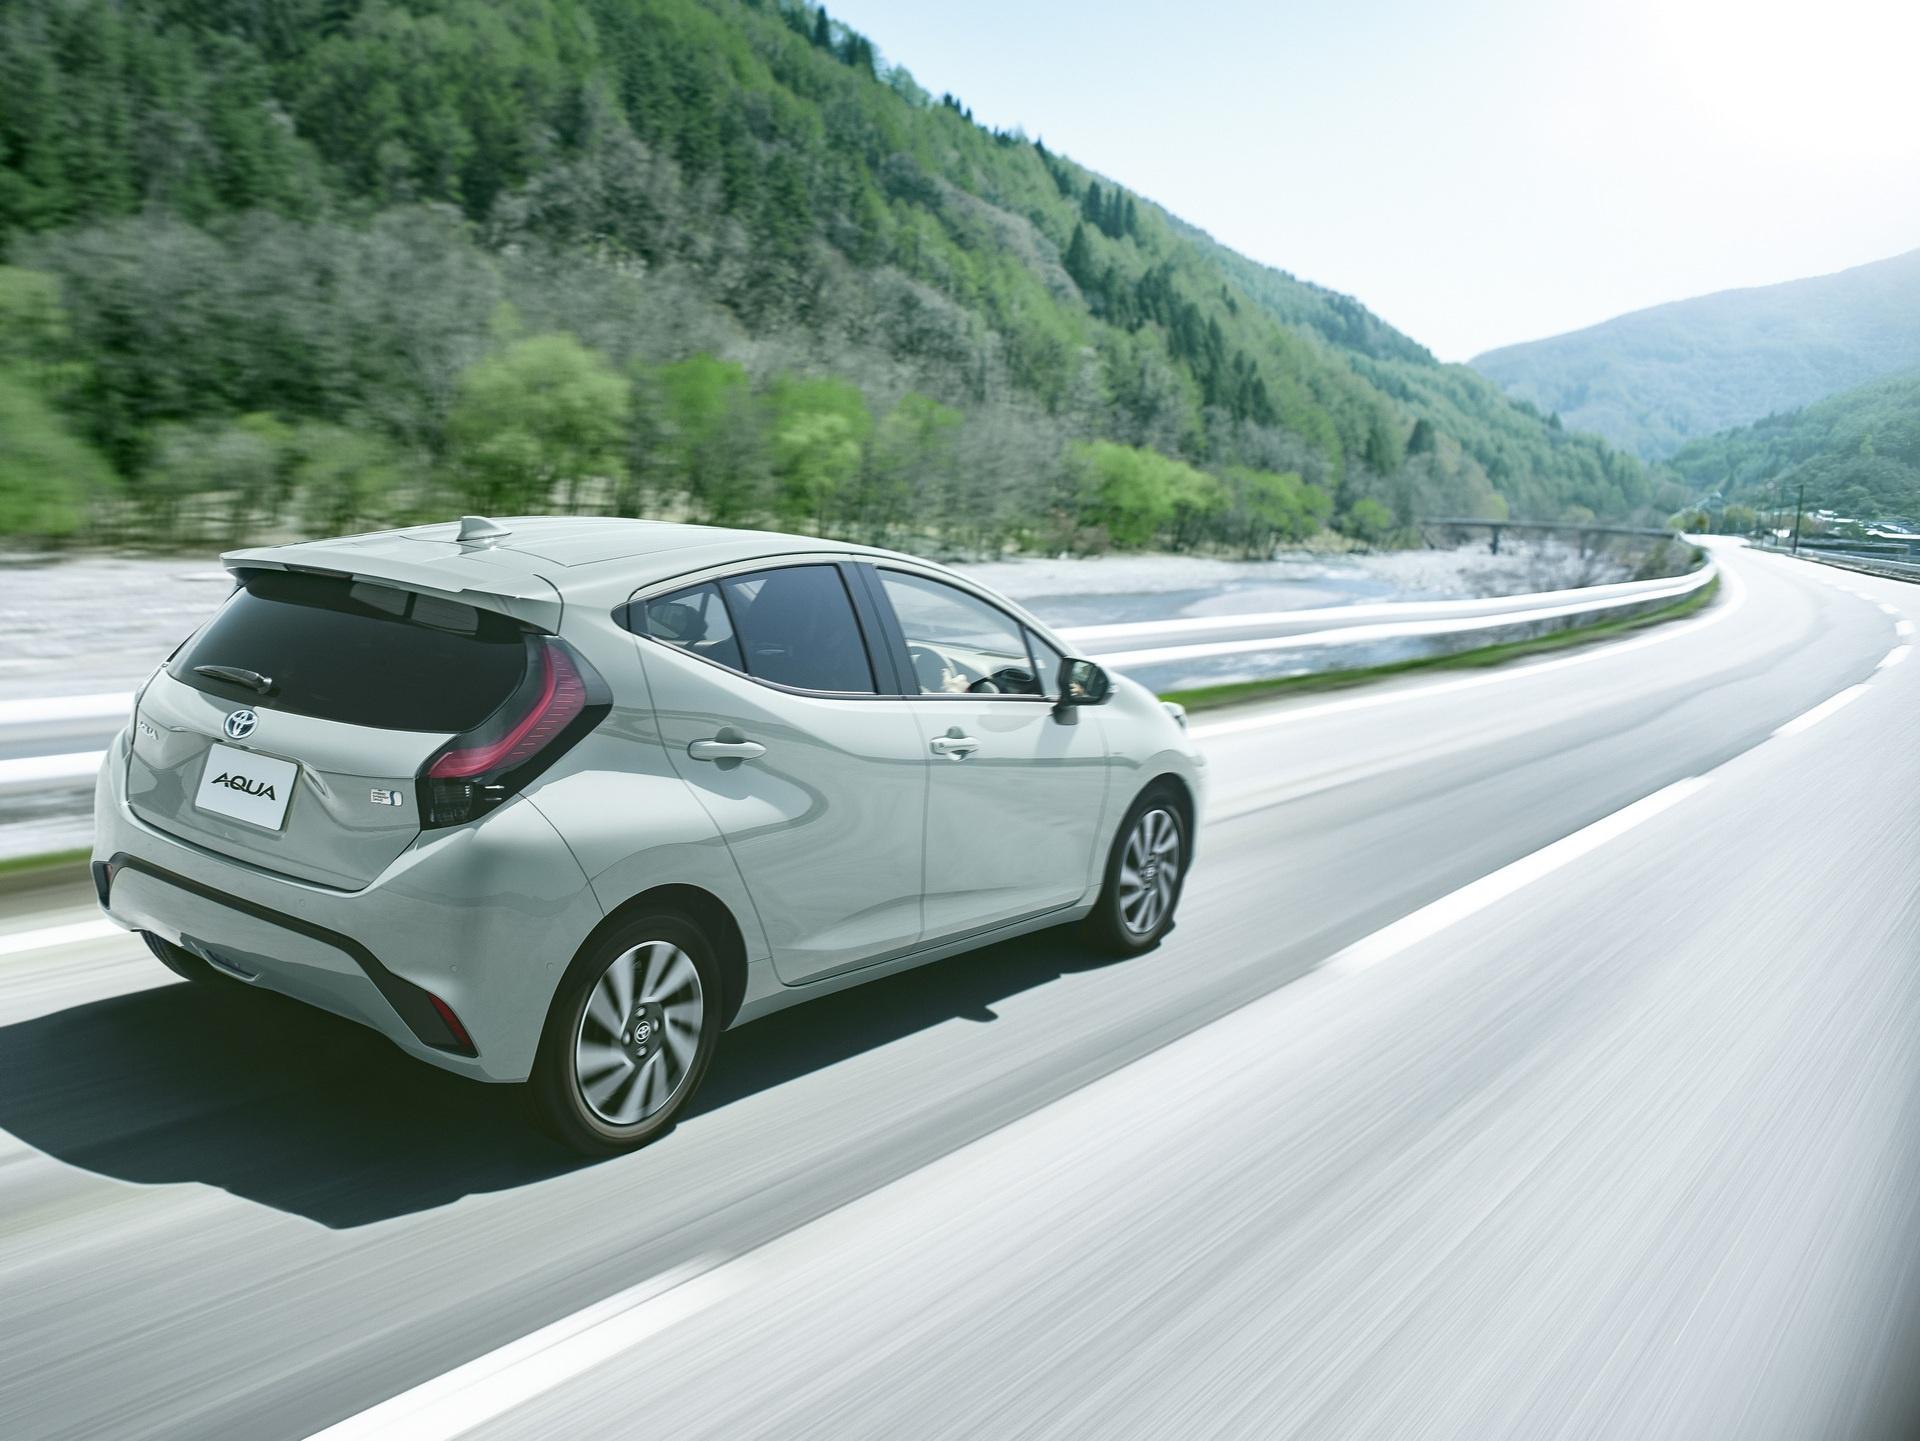 Toyota trang bị gì cho mẫu xe 400 triệu, uống ít xăng đáng kinh ngạc 2,79 lít/100 km? - Ảnh 3.